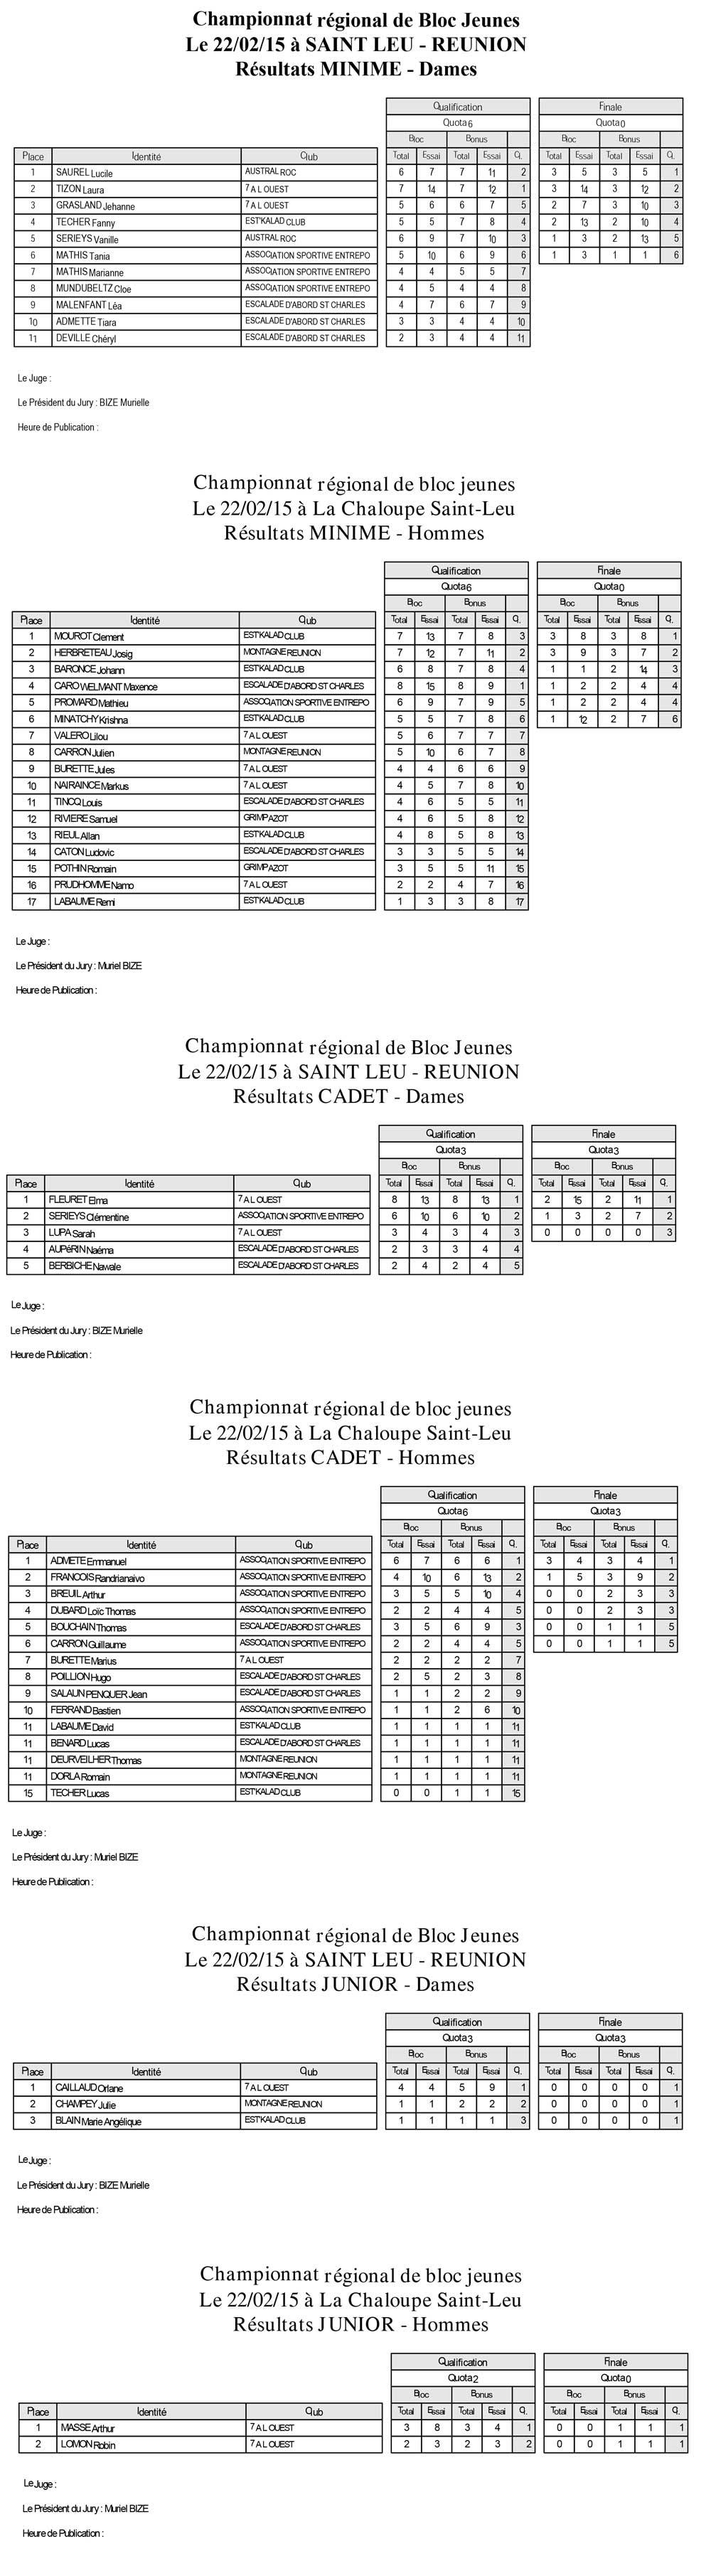 2015 CHAMP REG BLOC JEUNES résultats